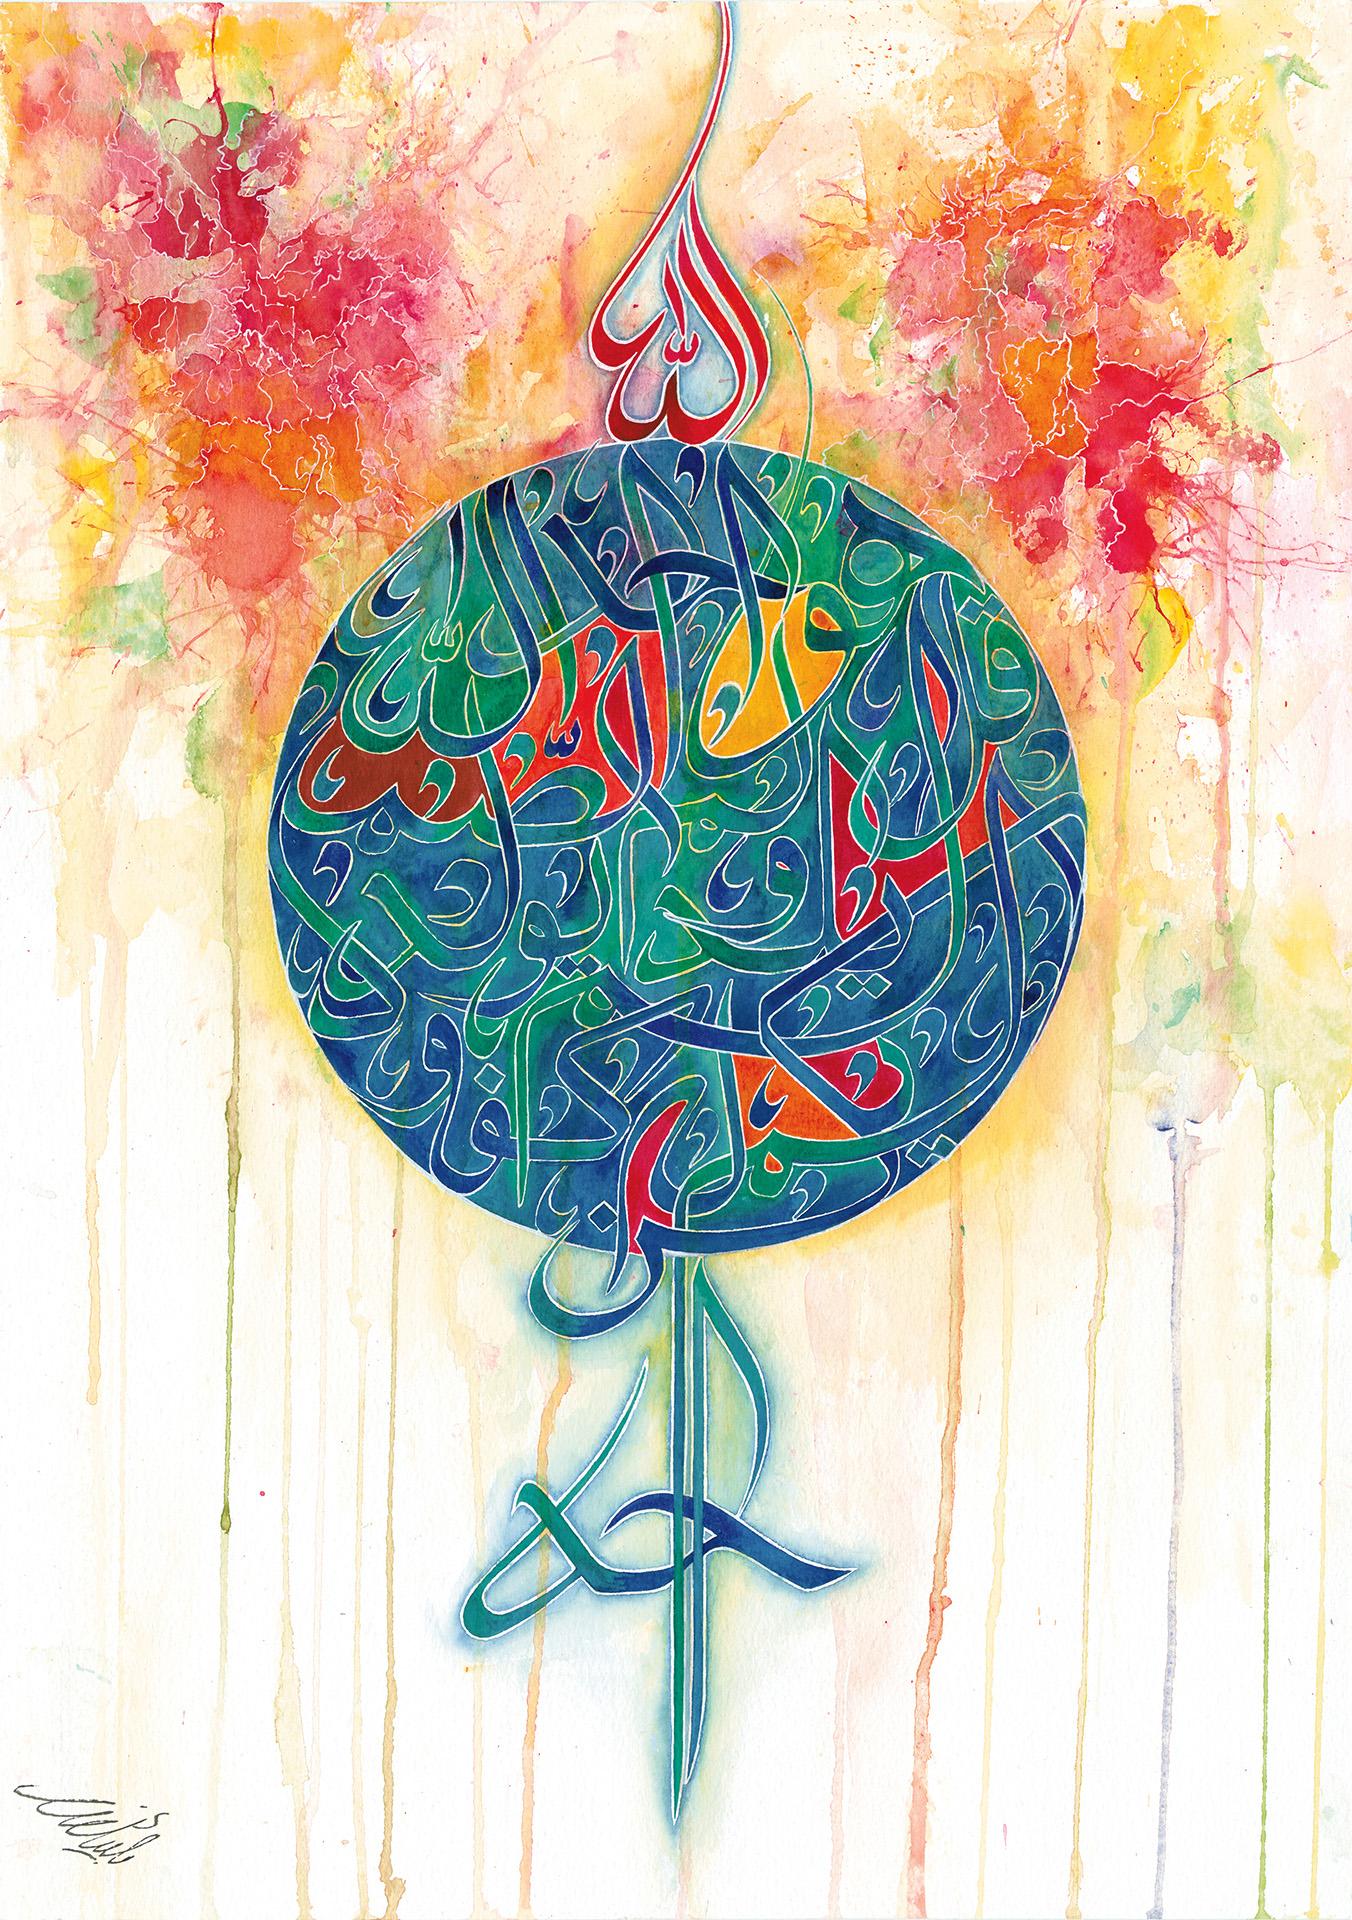 Sūrah Ikhlas 2013  (£2100)